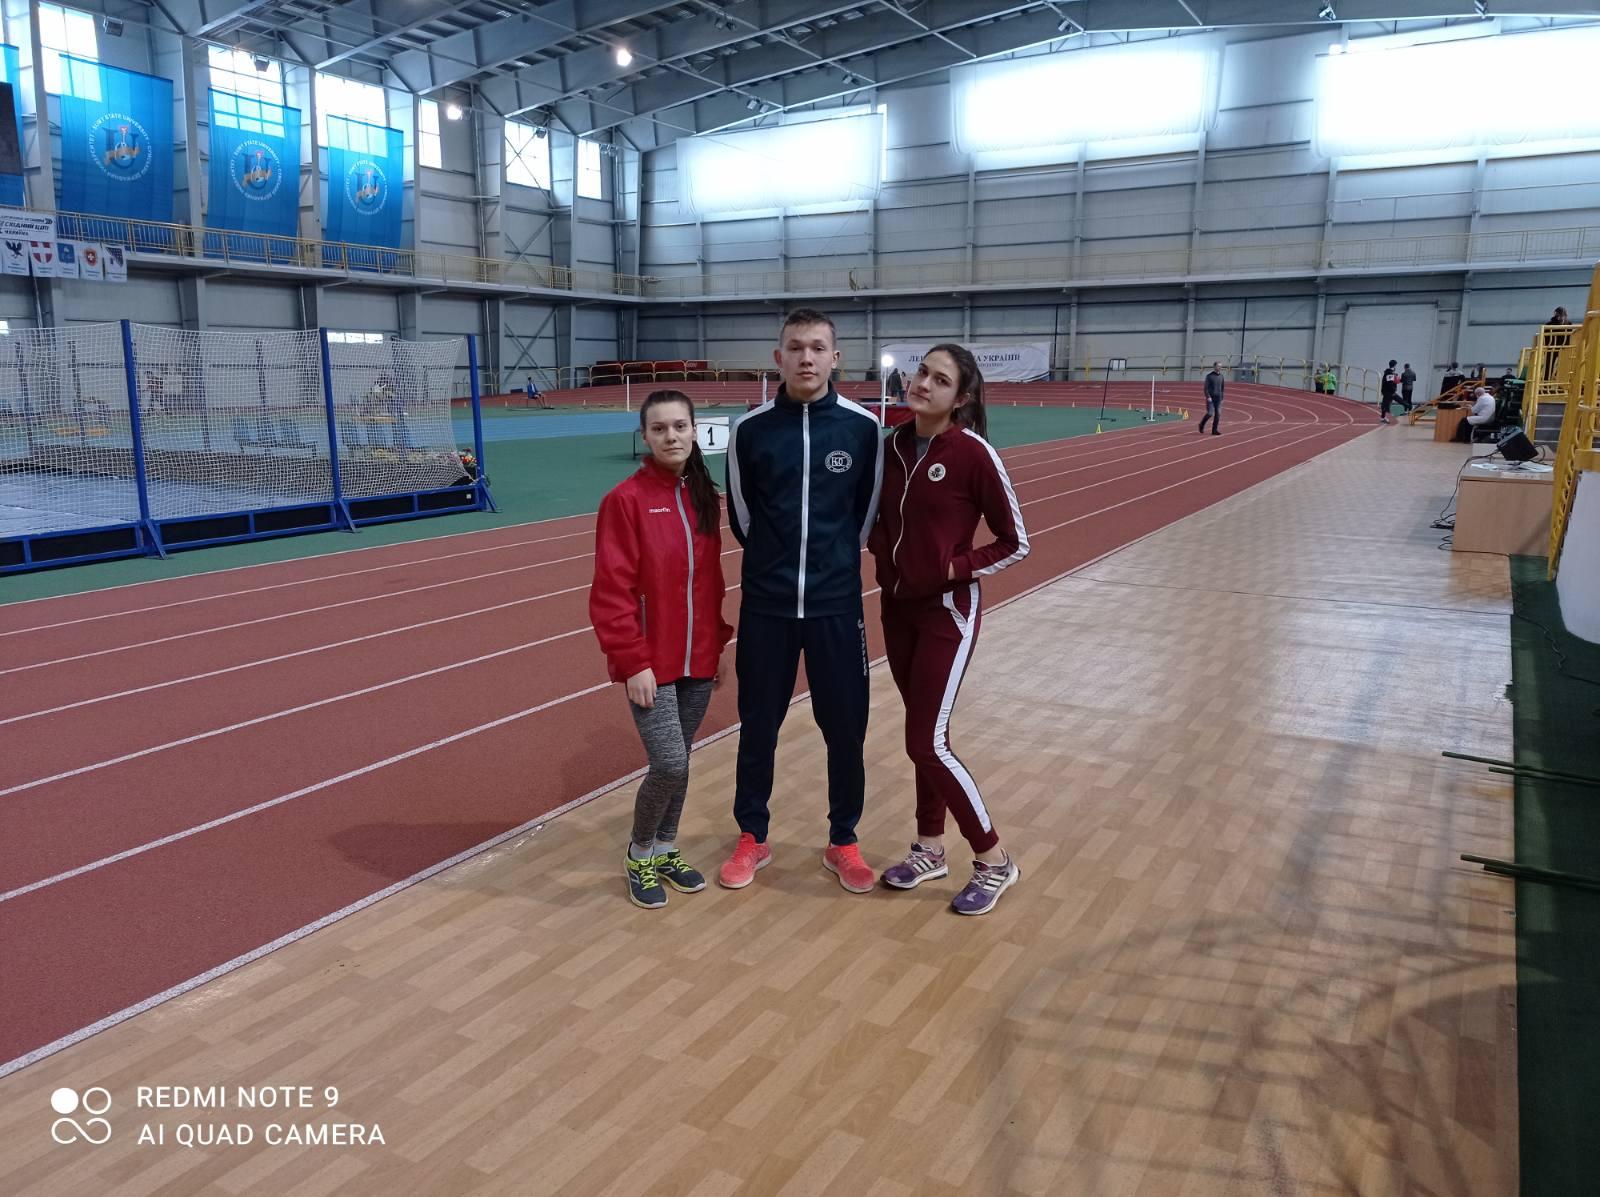 чемпіонат України з легкої атлетики серед спортсменів з порушенням слуху. фото